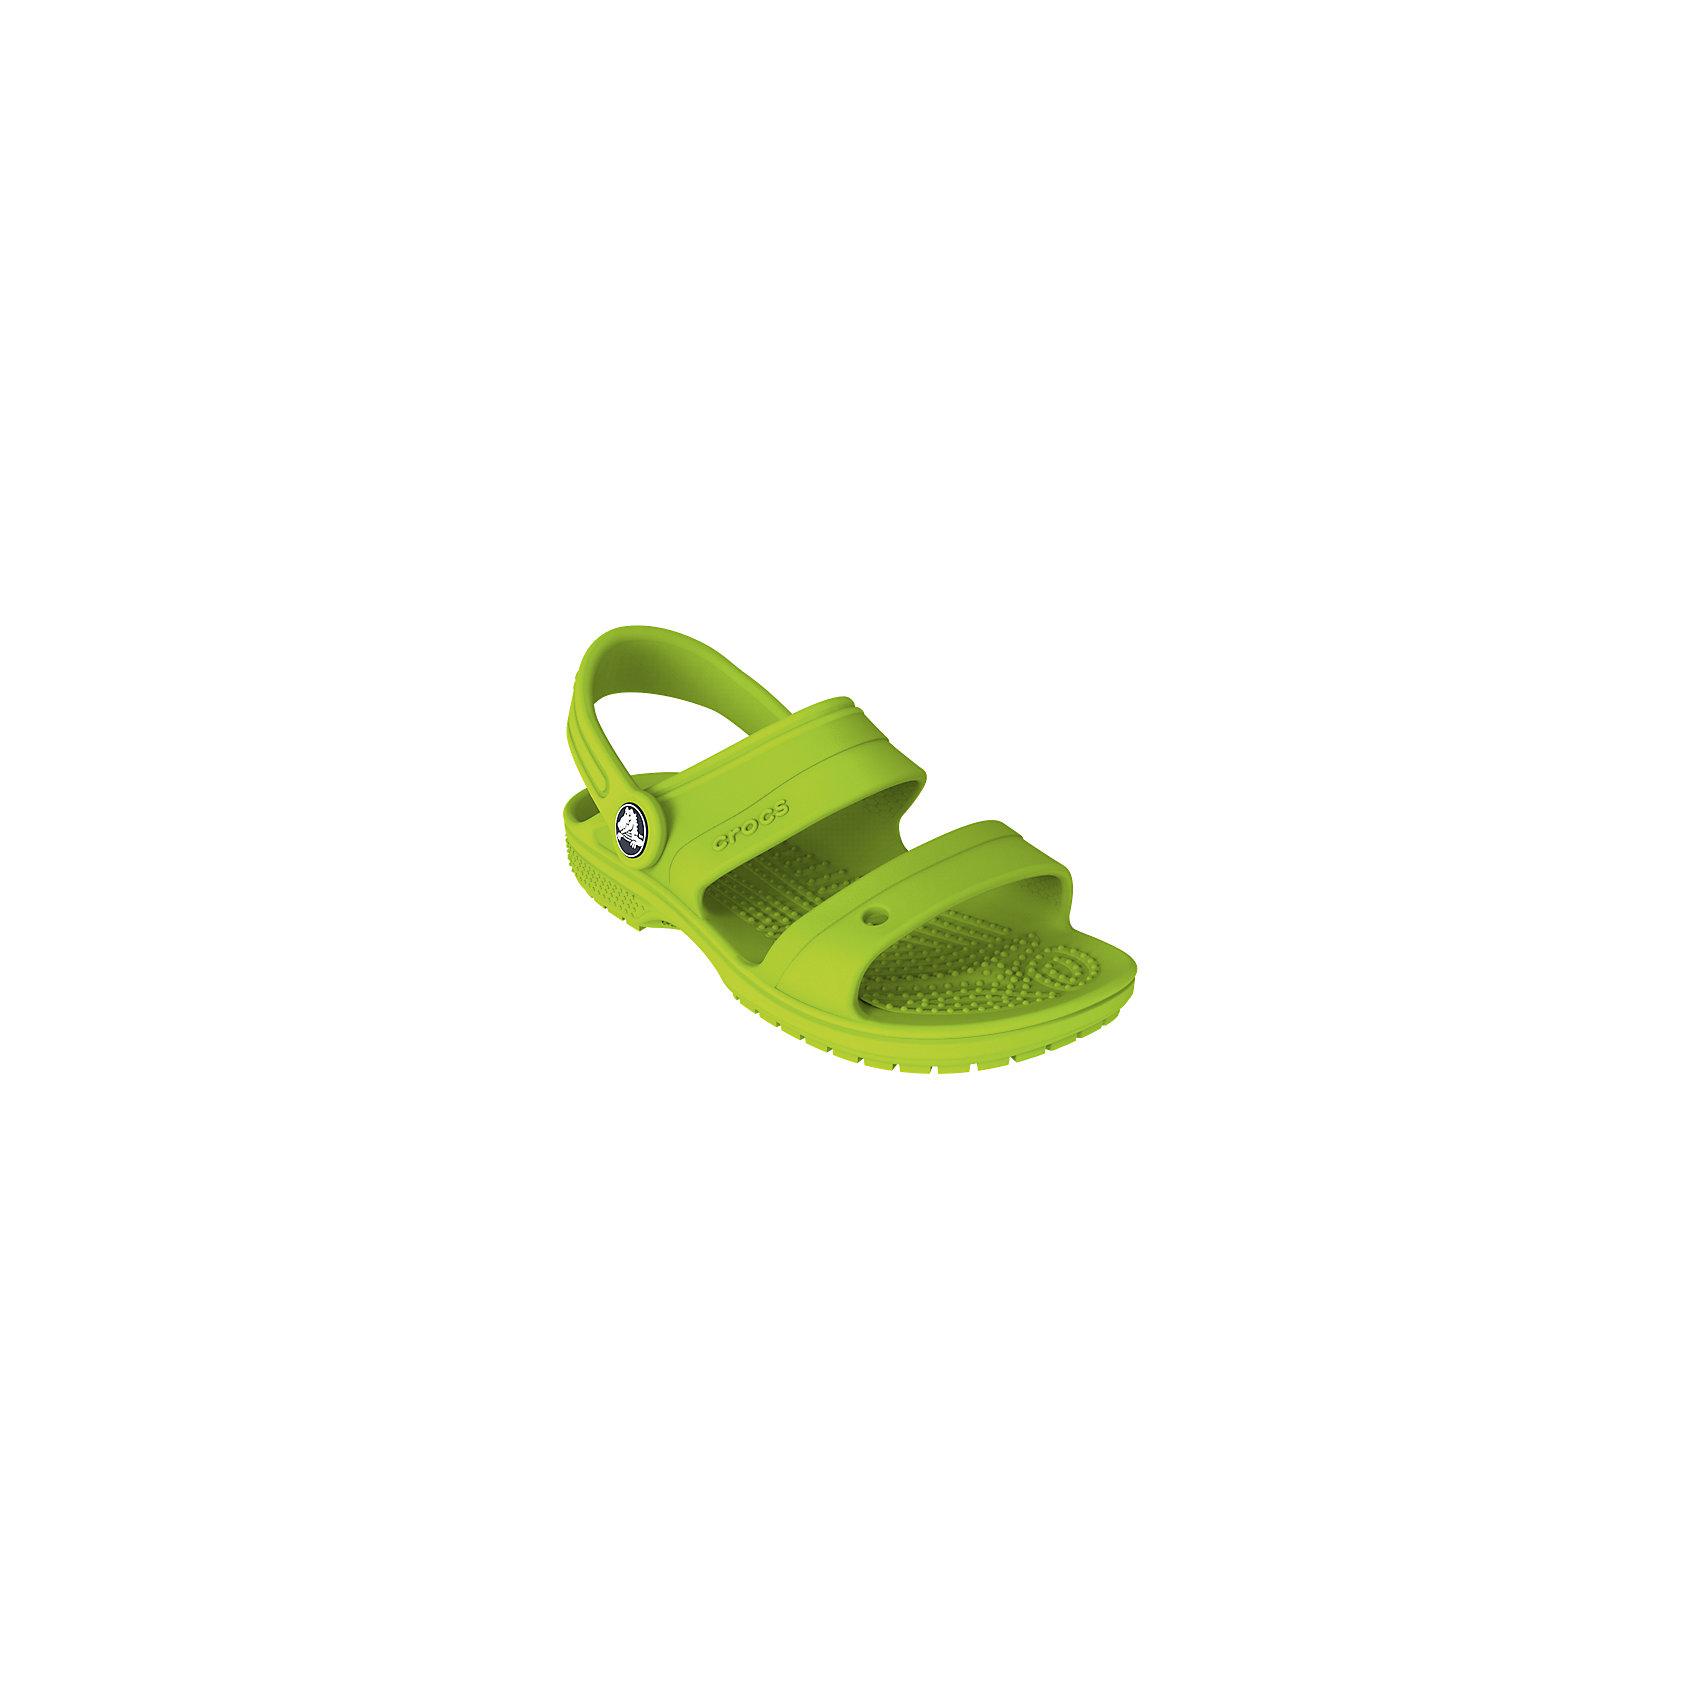 Сандалии с открытым мысом CROCSПляжная обувь<br>Характеристики товара:<br><br>• цвет: салатовый<br>• сезон: лето<br>• материал: 100% полимер Croslite™<br>• бактериостатичный материал<br>• ремешок фиксирует стопу<br>• антискользящая устойчивая подошва<br>• липучка<br>• анатомическая стелька с массажными точками<br>• страна бренда: США<br>• страна изготовитель: Китай<br><br>Для правильного развития ребенка крайне важно, чтобы обувь была удобной.<br><br>Такие сандалии обеспечивают детям необходимый комфорт, а анатомическая стелька с массажными линиями для стимуляции кровообращения позволяет ножкам дольше не уставать. <br><br>Сандалии легко надеваются и снимаются, отлично сидят на ноге. <br><br>Материал, из которого они сделаны, не дает размножаться бактериям, поэтому такая обувь препятствует образованию неприятного запаха и появлению болезней стоп. <br><br>Обувь от американского бренда Crocs в данный момент завоевала широкую популярность во всем мире, и это не удивительно - ведь она невероятно удобна. <br><br>Сандалии открытые от торговой марки Crocs можно купить в нашем интернет-магазине.<br><br>Ширина мм: 219<br>Глубина мм: 154<br>Высота мм: 121<br>Вес г: 343<br>Цвет: зеленый<br>Возраст от месяцев: 132<br>Возраст до месяцев: 144<br>Пол: Унисекс<br>Возраст: Детский<br>Размер: 34/35,27,28,29,30,23,24,25,26,31/32,33/34<br>SKU: 5416442